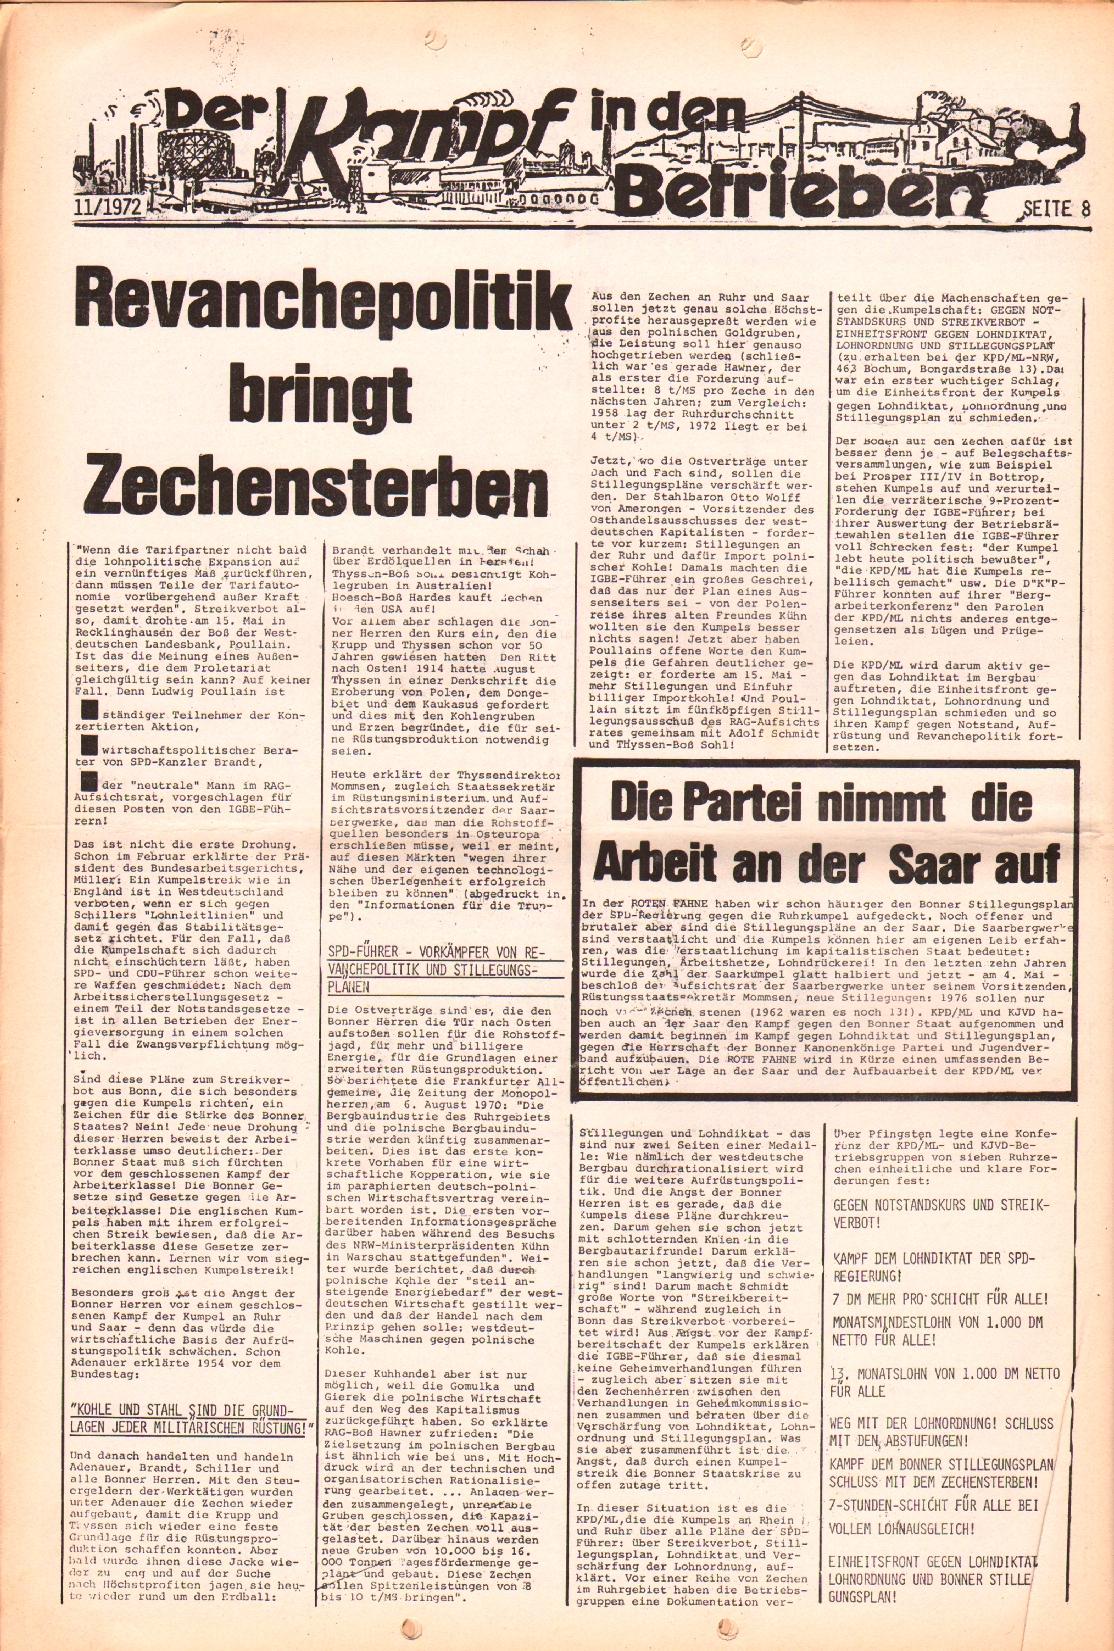 Rote Fahne, 3. Jg., 29.5.1972, Nr. 11, Seite 8